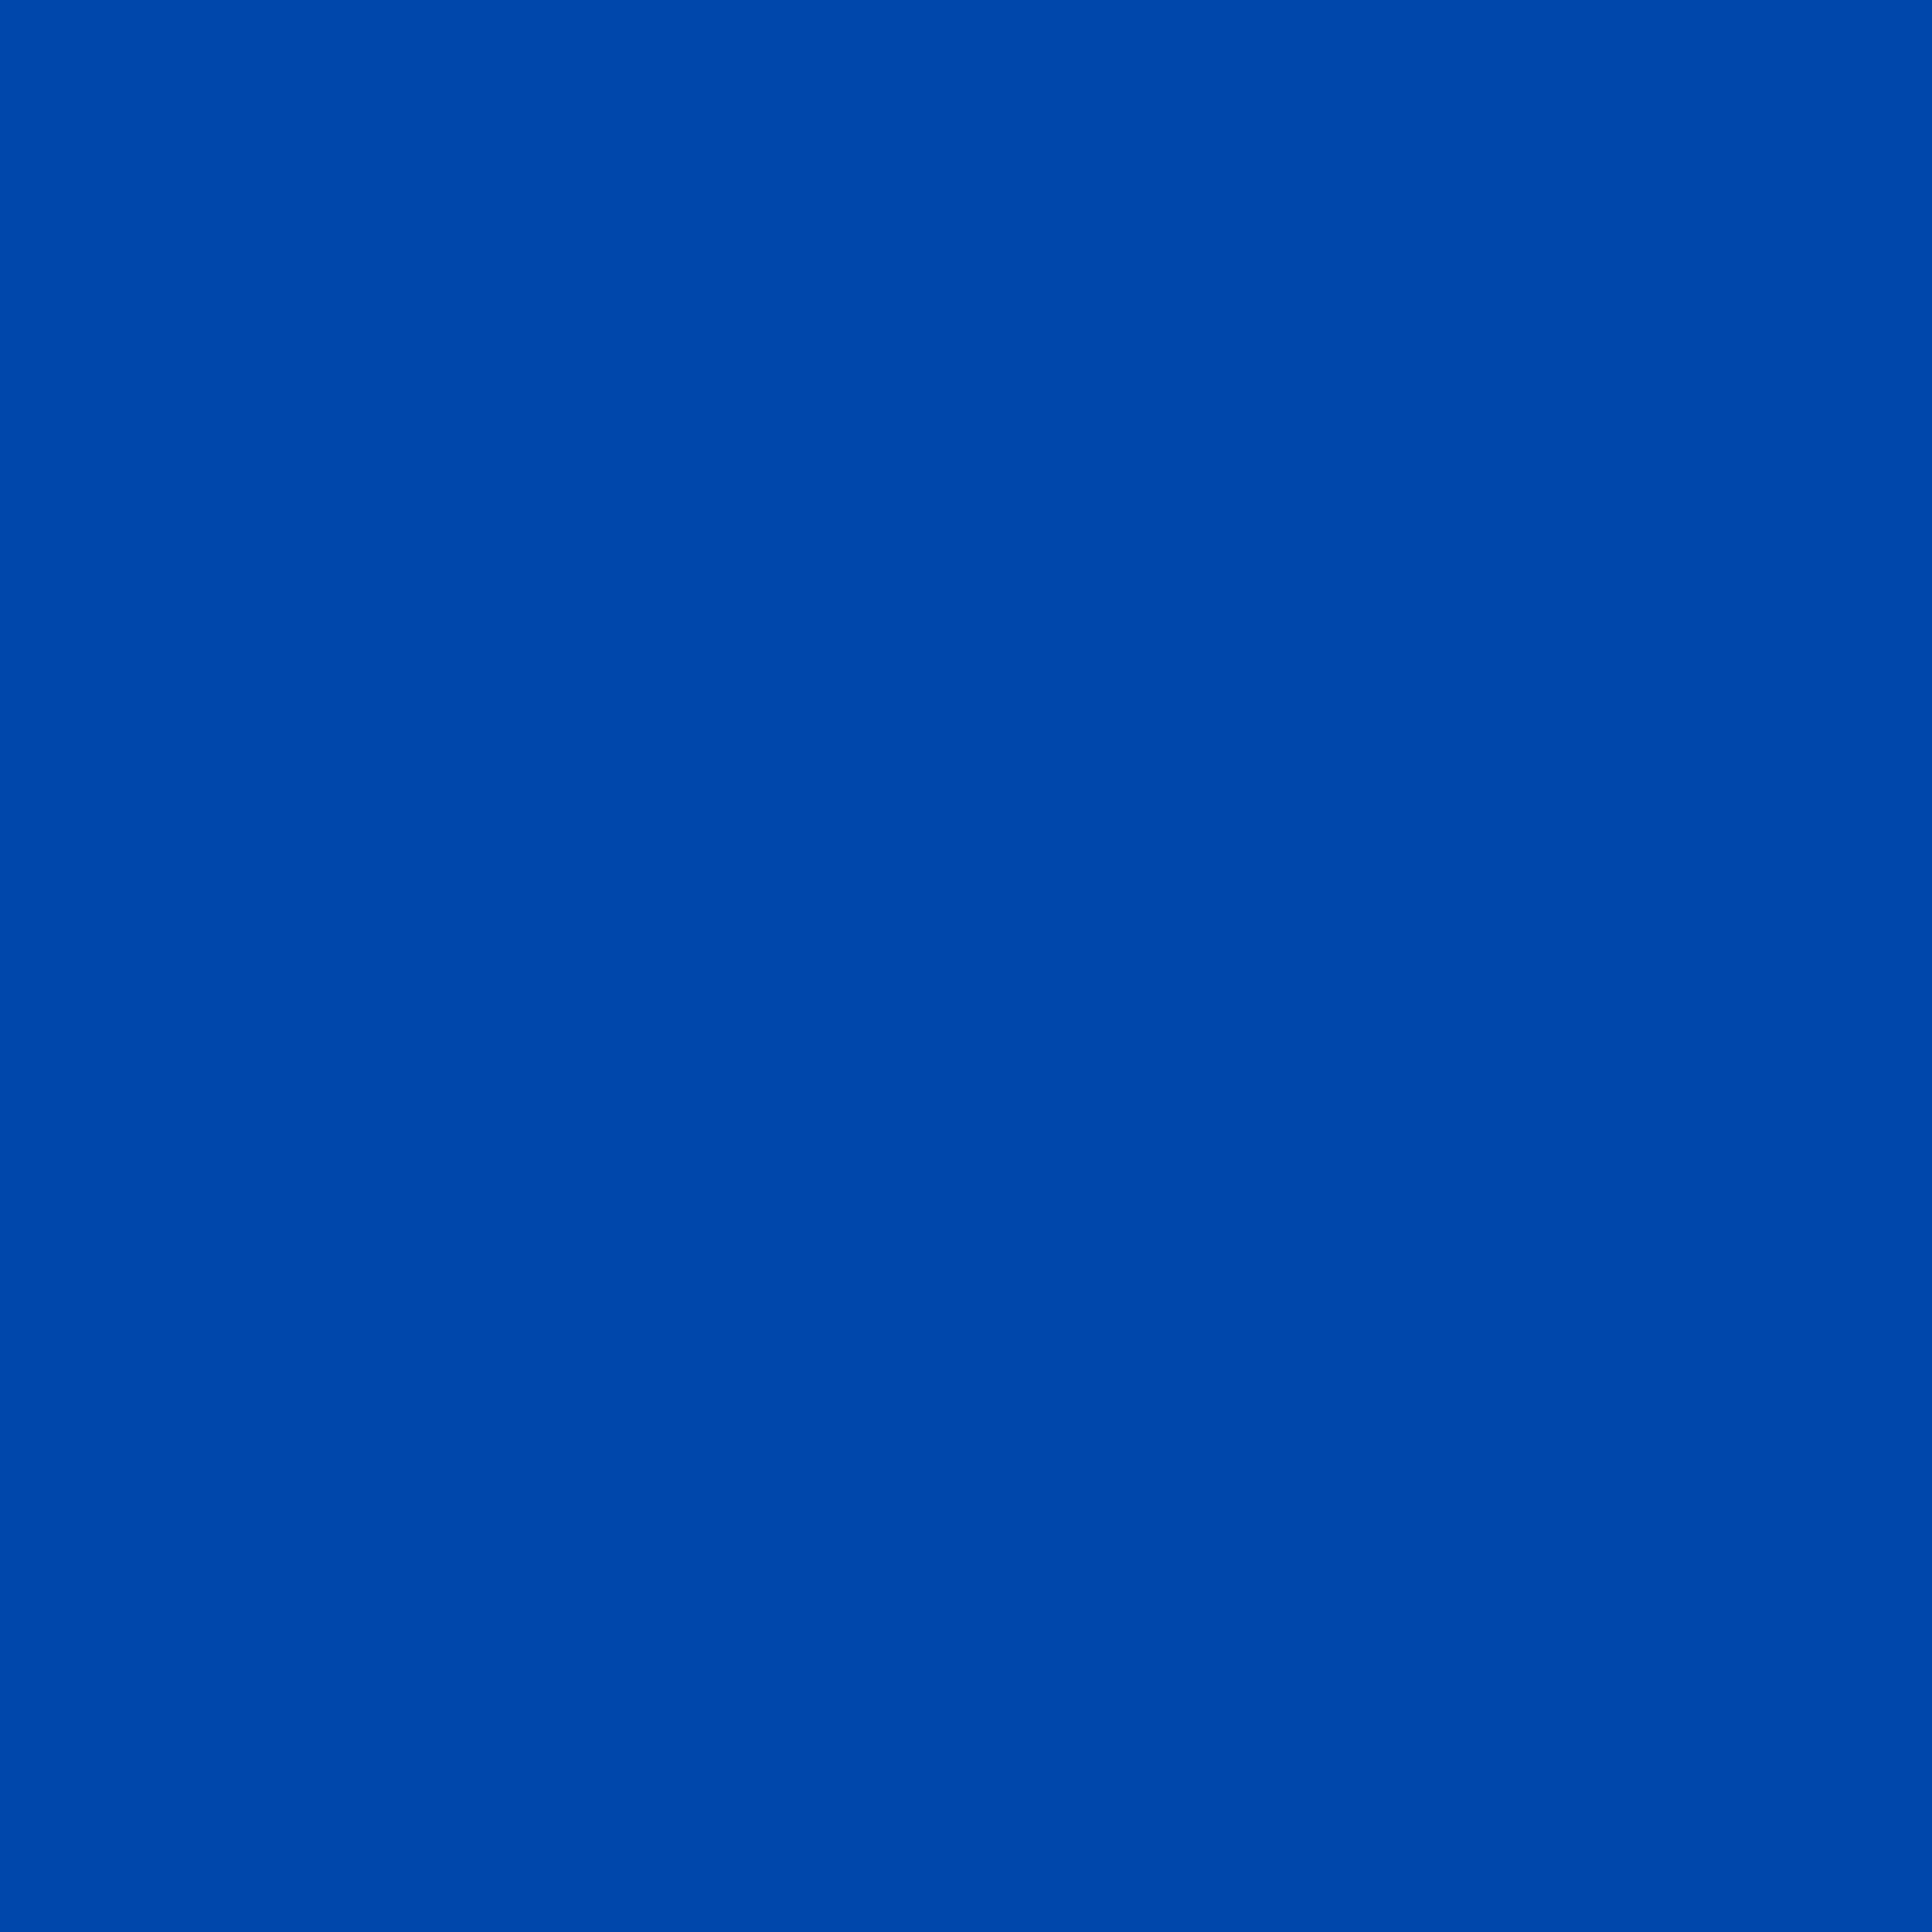 3600x3600 Cobalt Solid Color Background